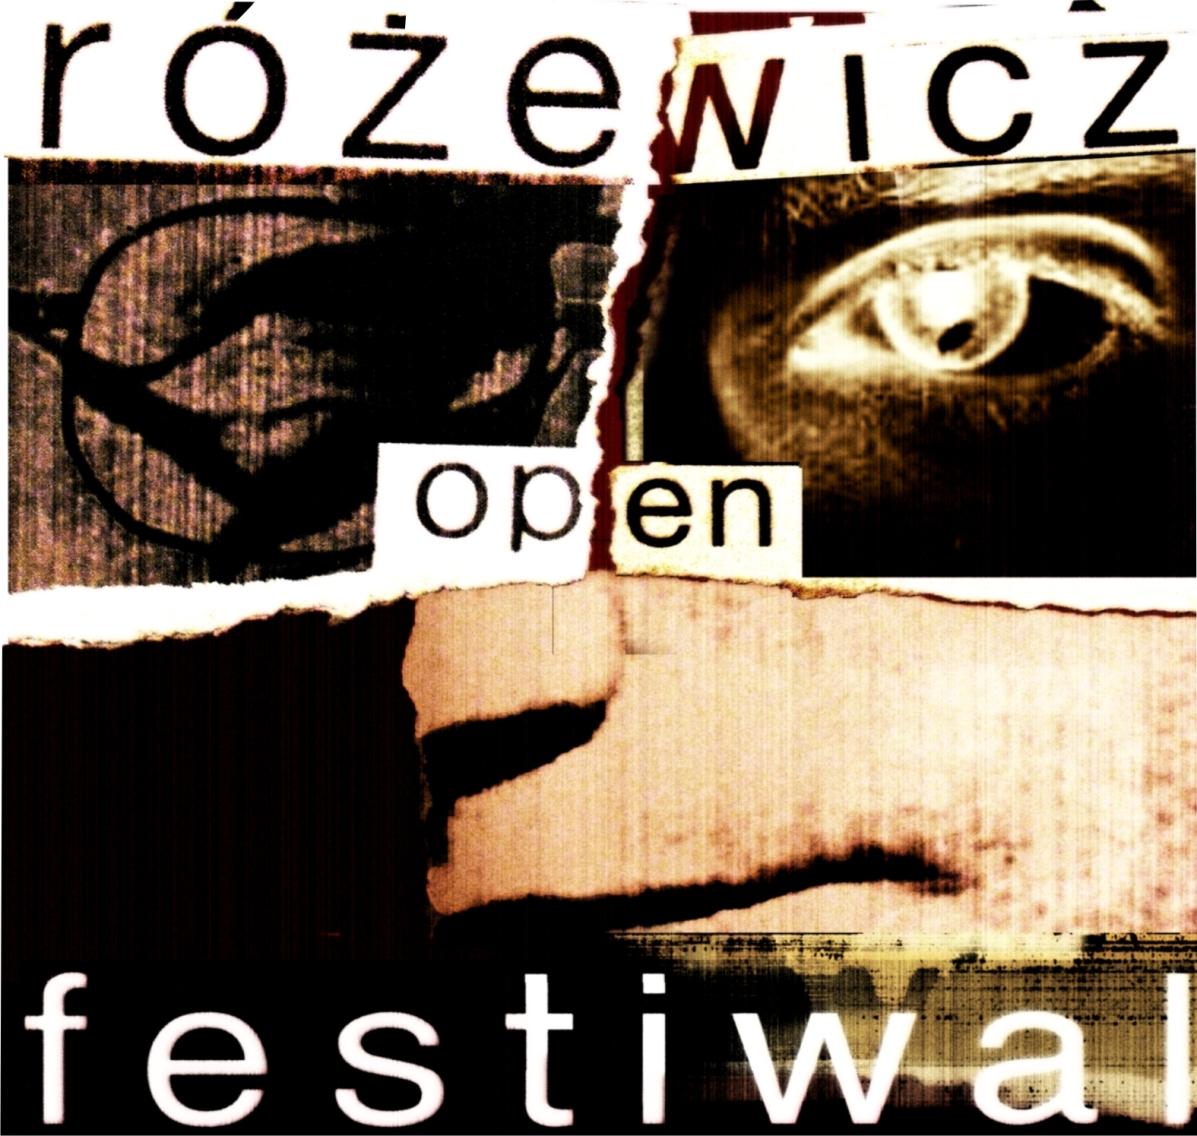 Różewicz Open Festiwal – logo (źródło: materiały prasowe)